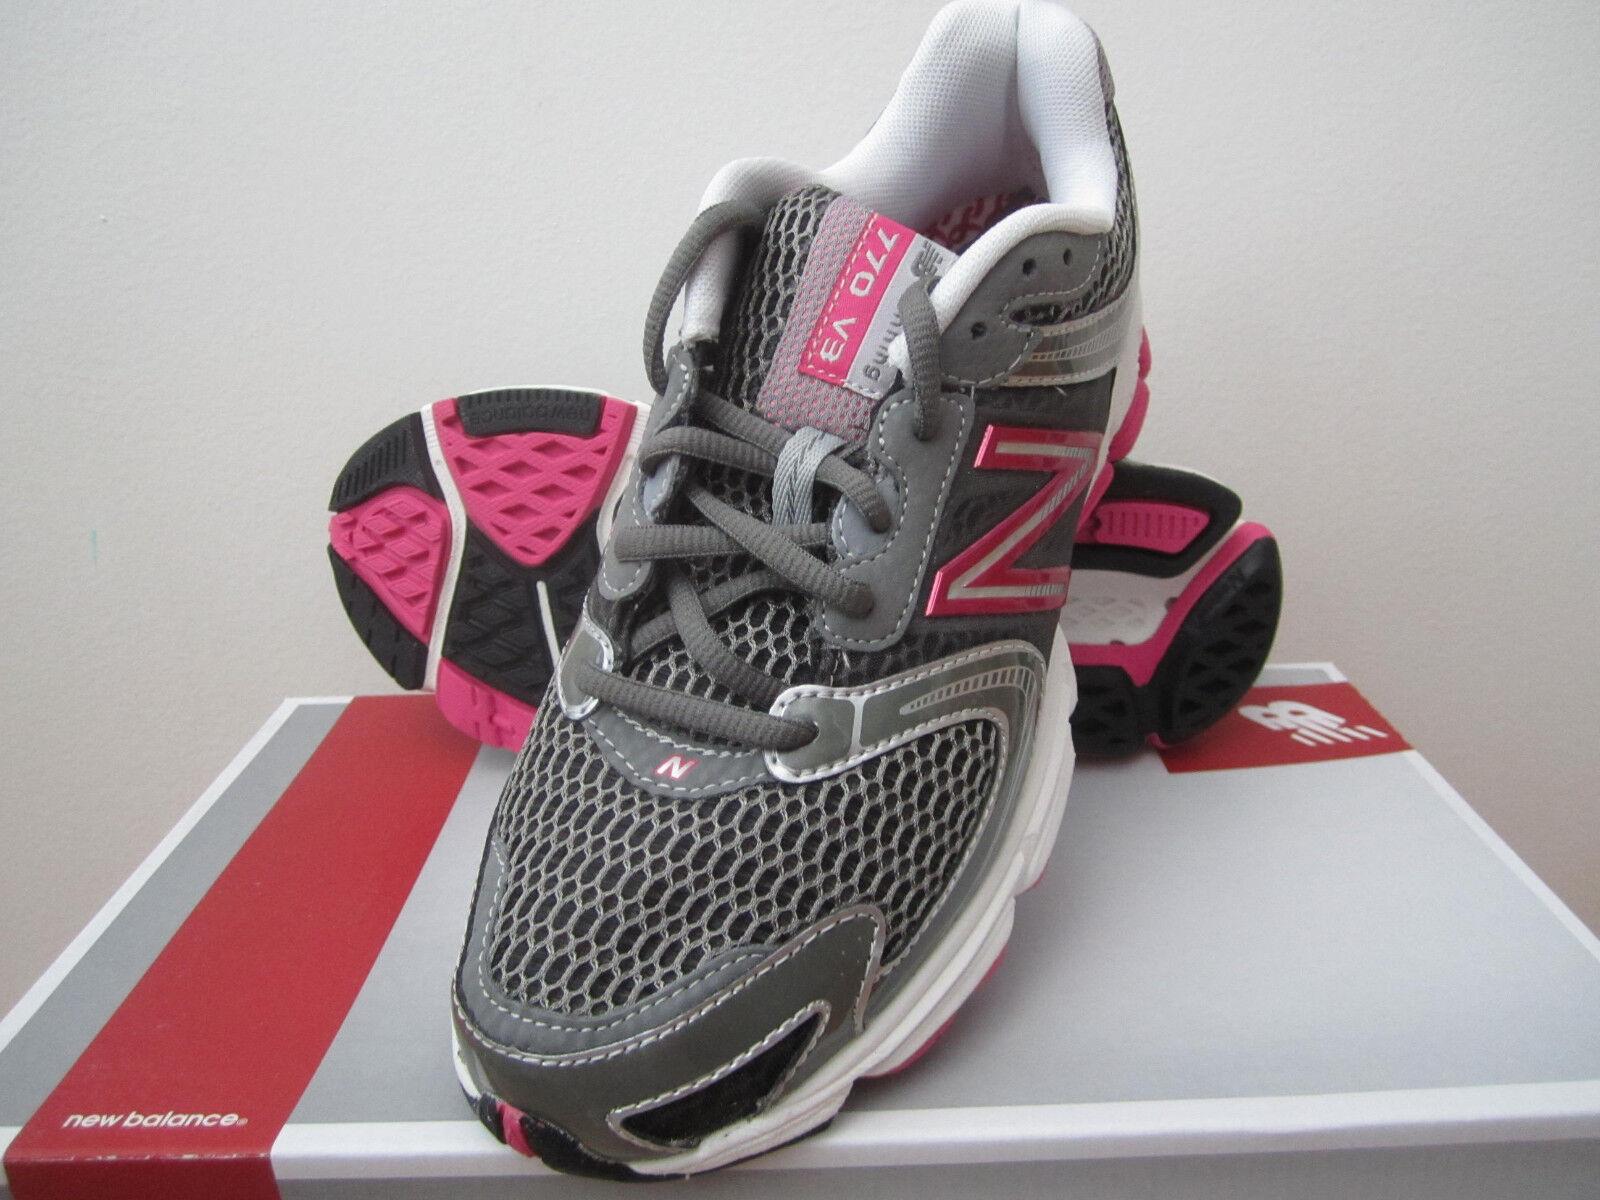 Nuevo  para mujer New Balance 770 v3 Zapatos Zapatos Zapatos tenis de correr - 9, 9.5  disfruta ahorrando 30-50% de descuento